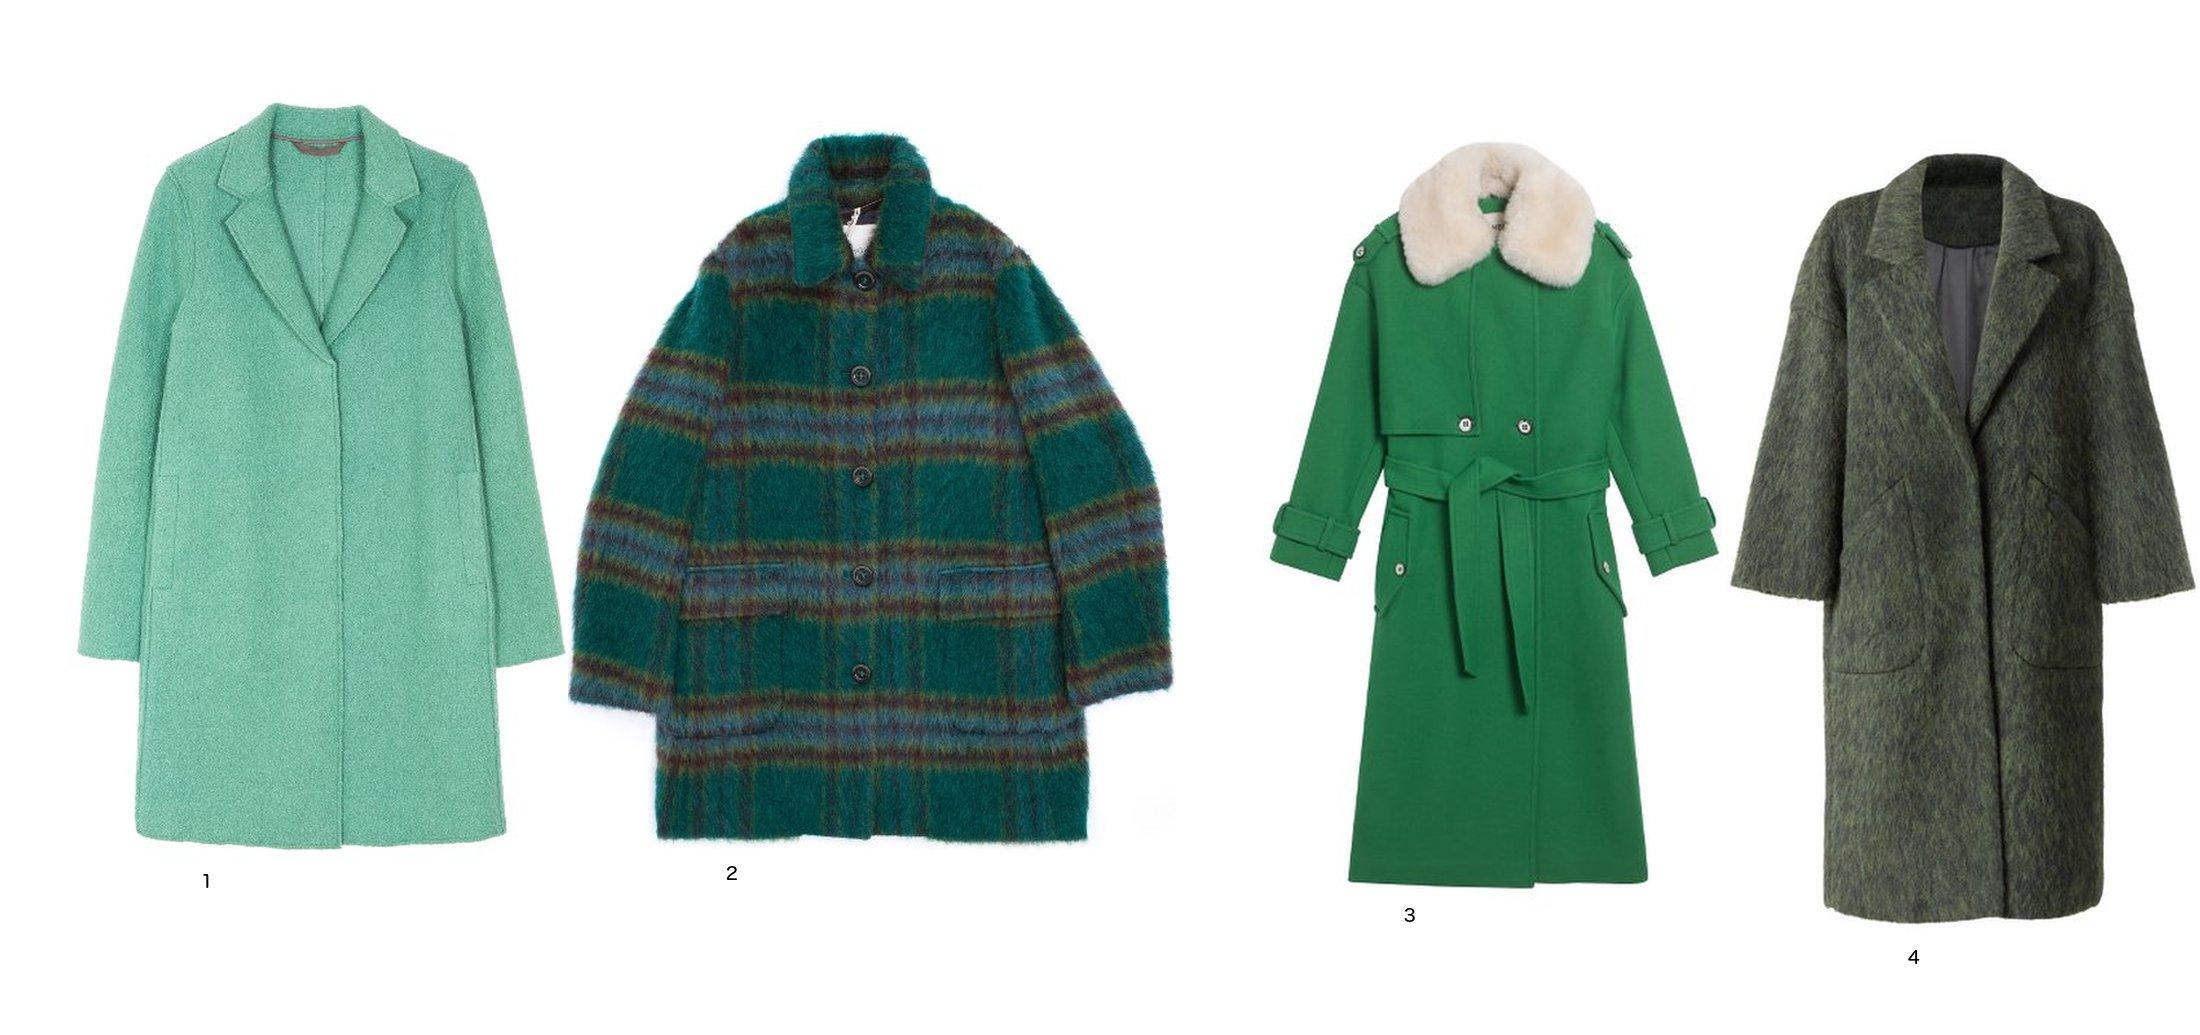 manteau-mode-les-boomeuses-femme-50-ans